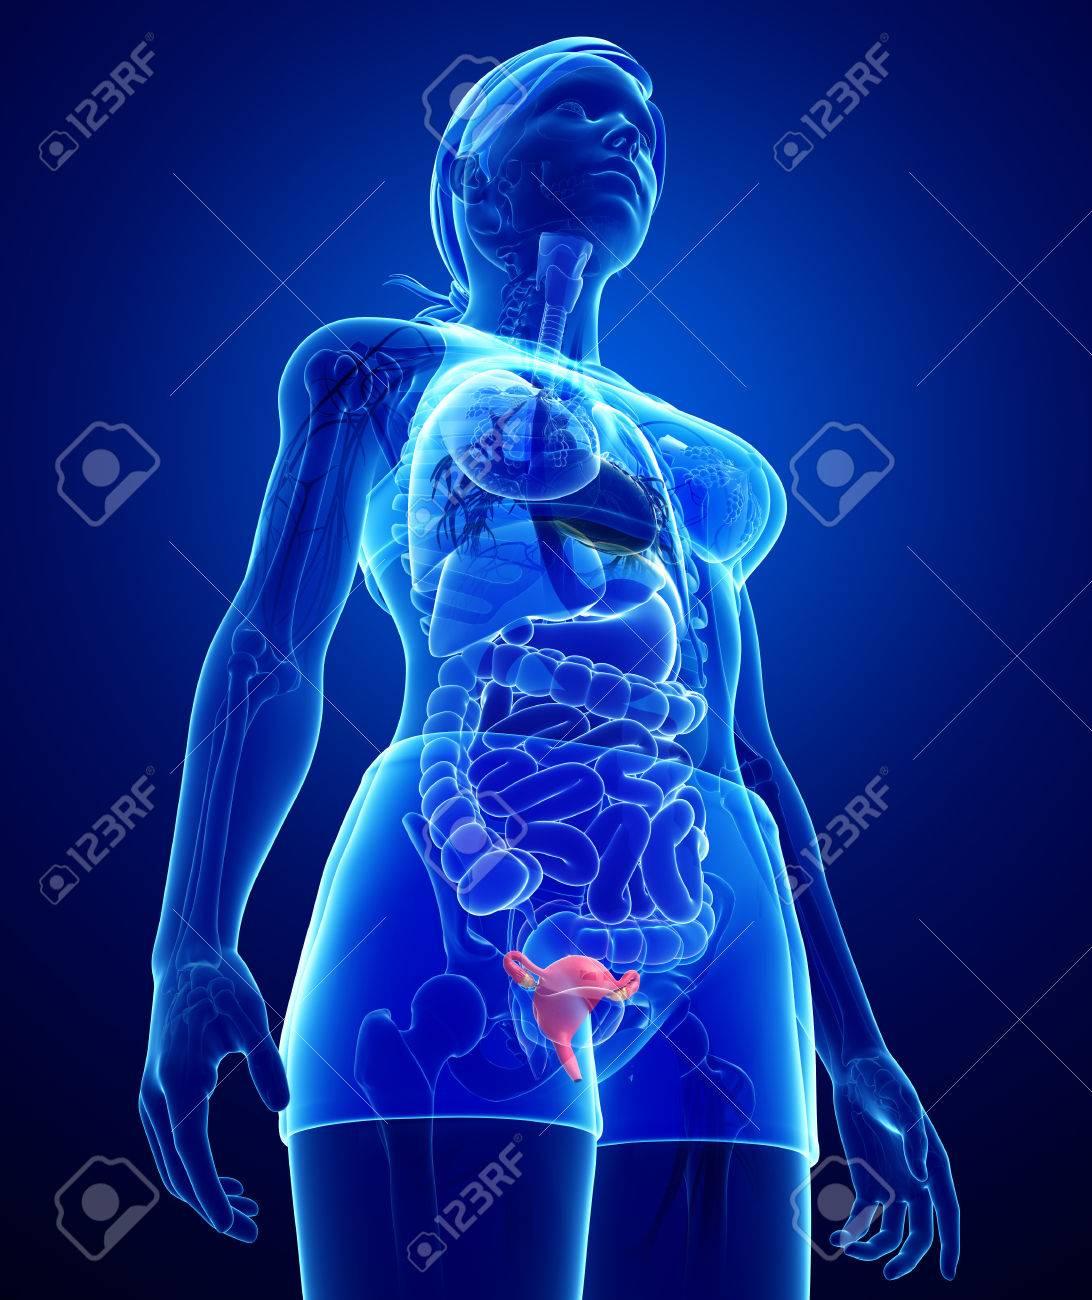 Illustration Der Weiblichen Anatomie Gebärmutter Lizenzfreie Fotos ...